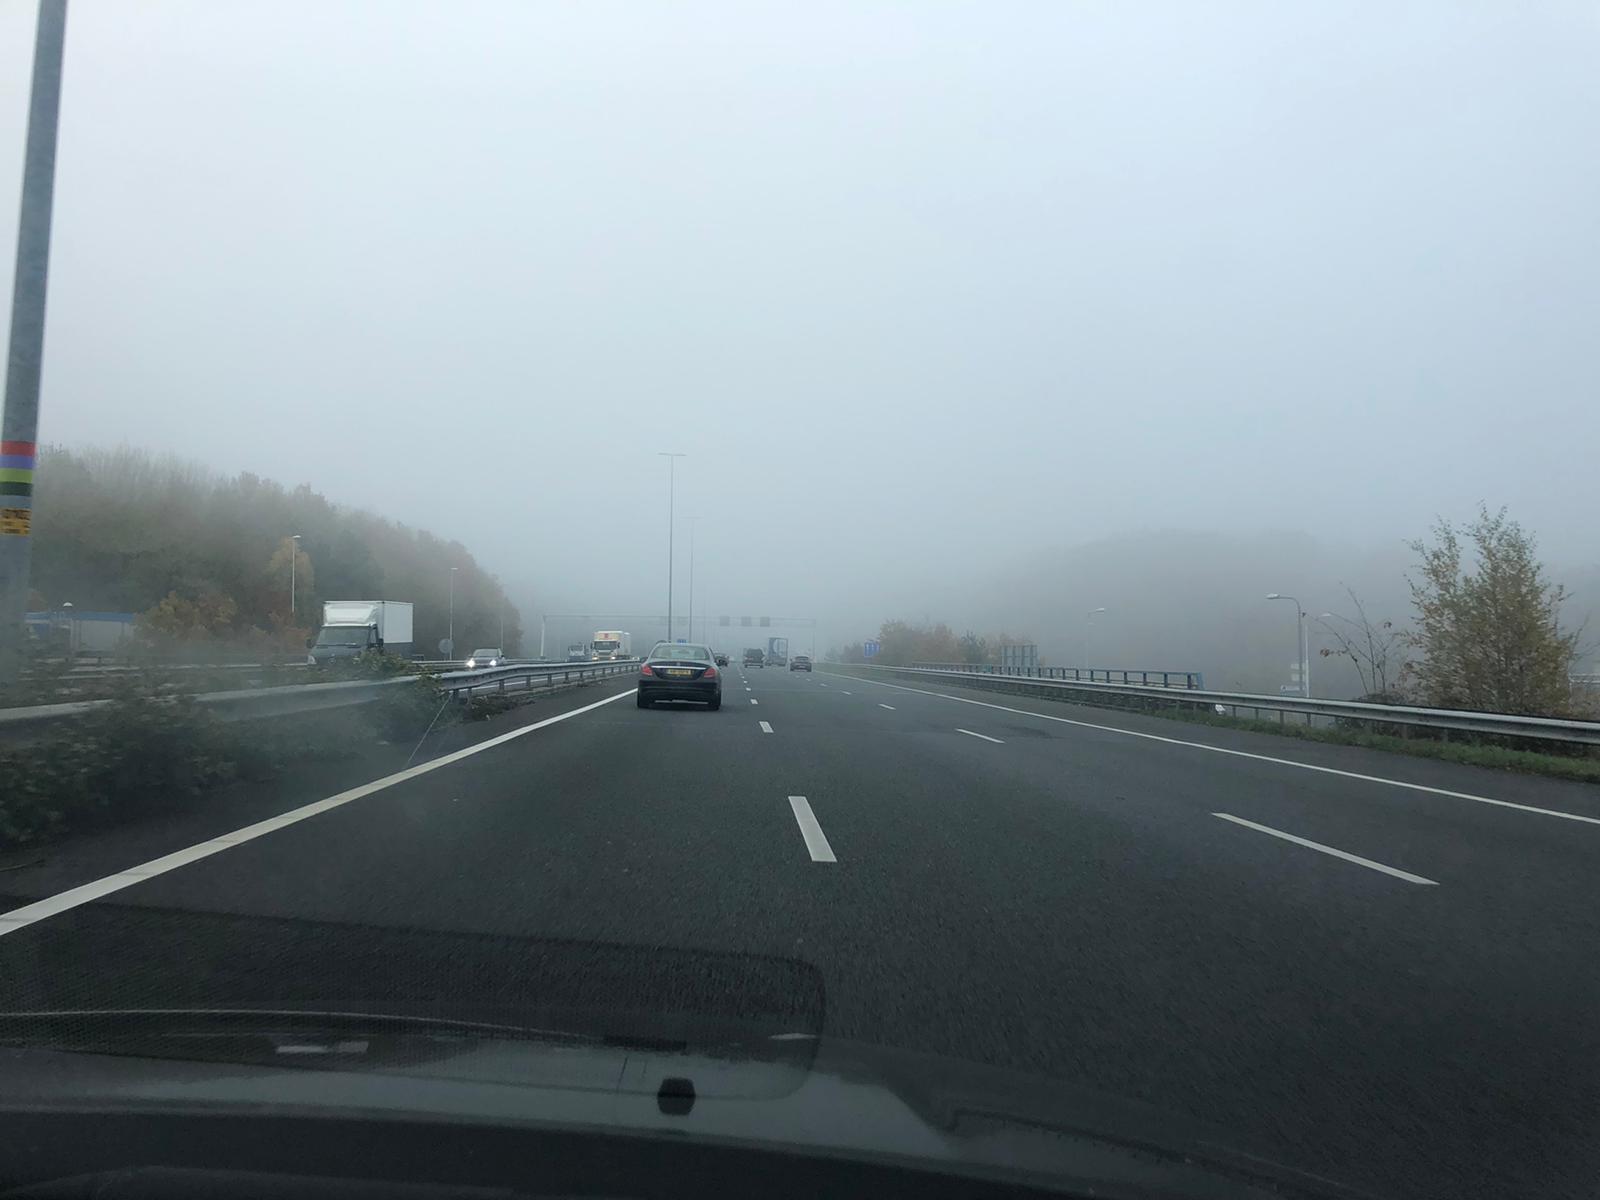 Helemaal de mist in